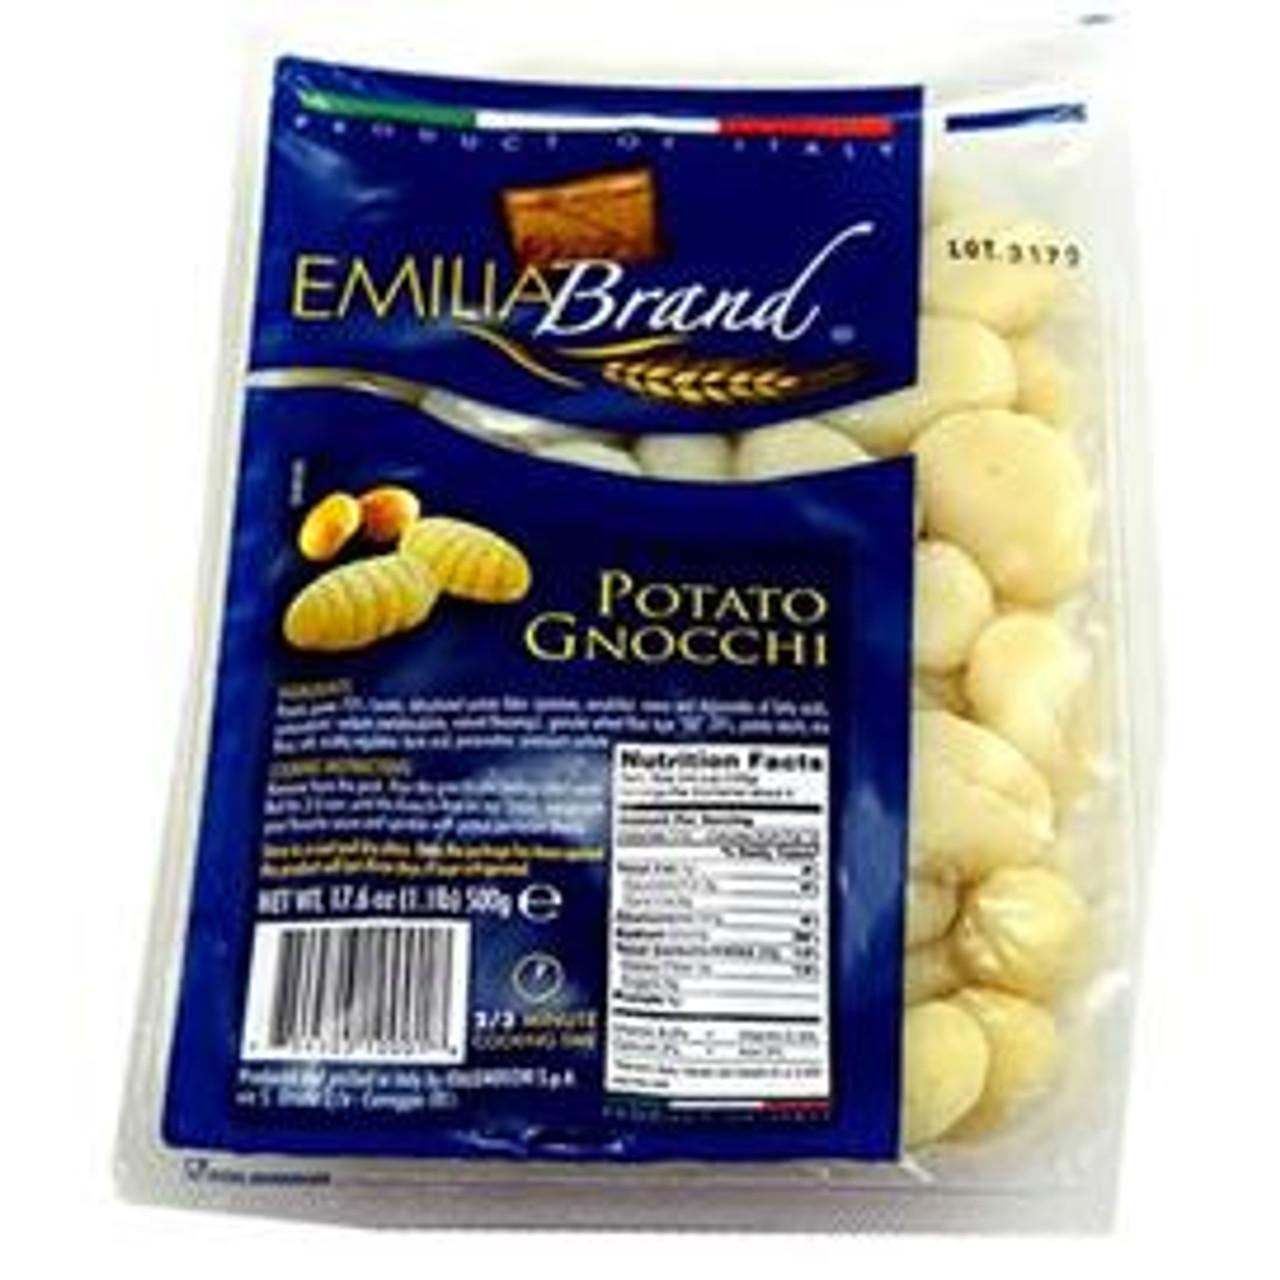 Emilia Brand Potato Gnocchi